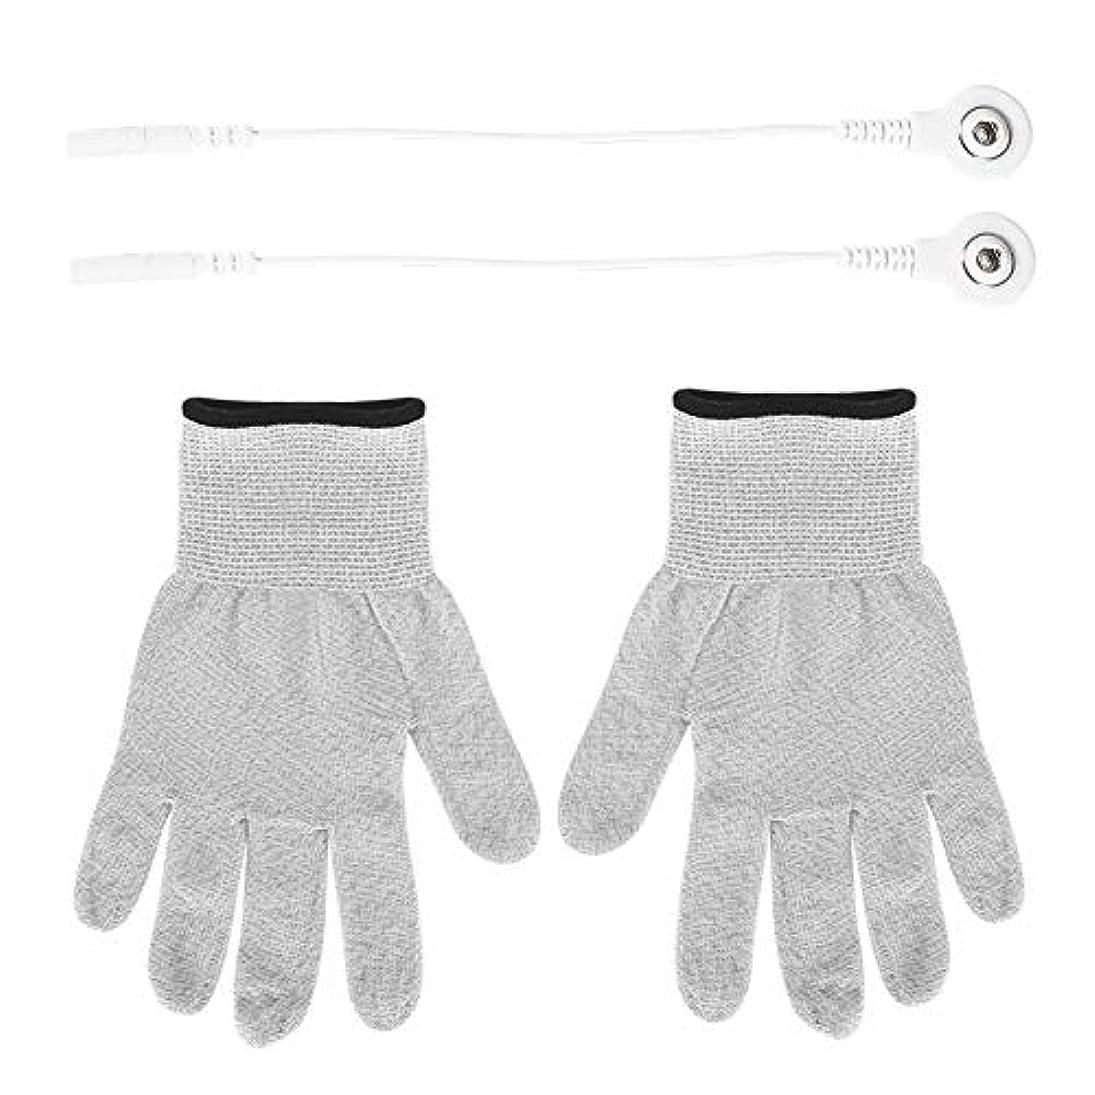 メッシュ統合する辞任電極手袋、1対の導電性繊維電極手袋、アダプター電極付き電気ショックファイバー用リード線